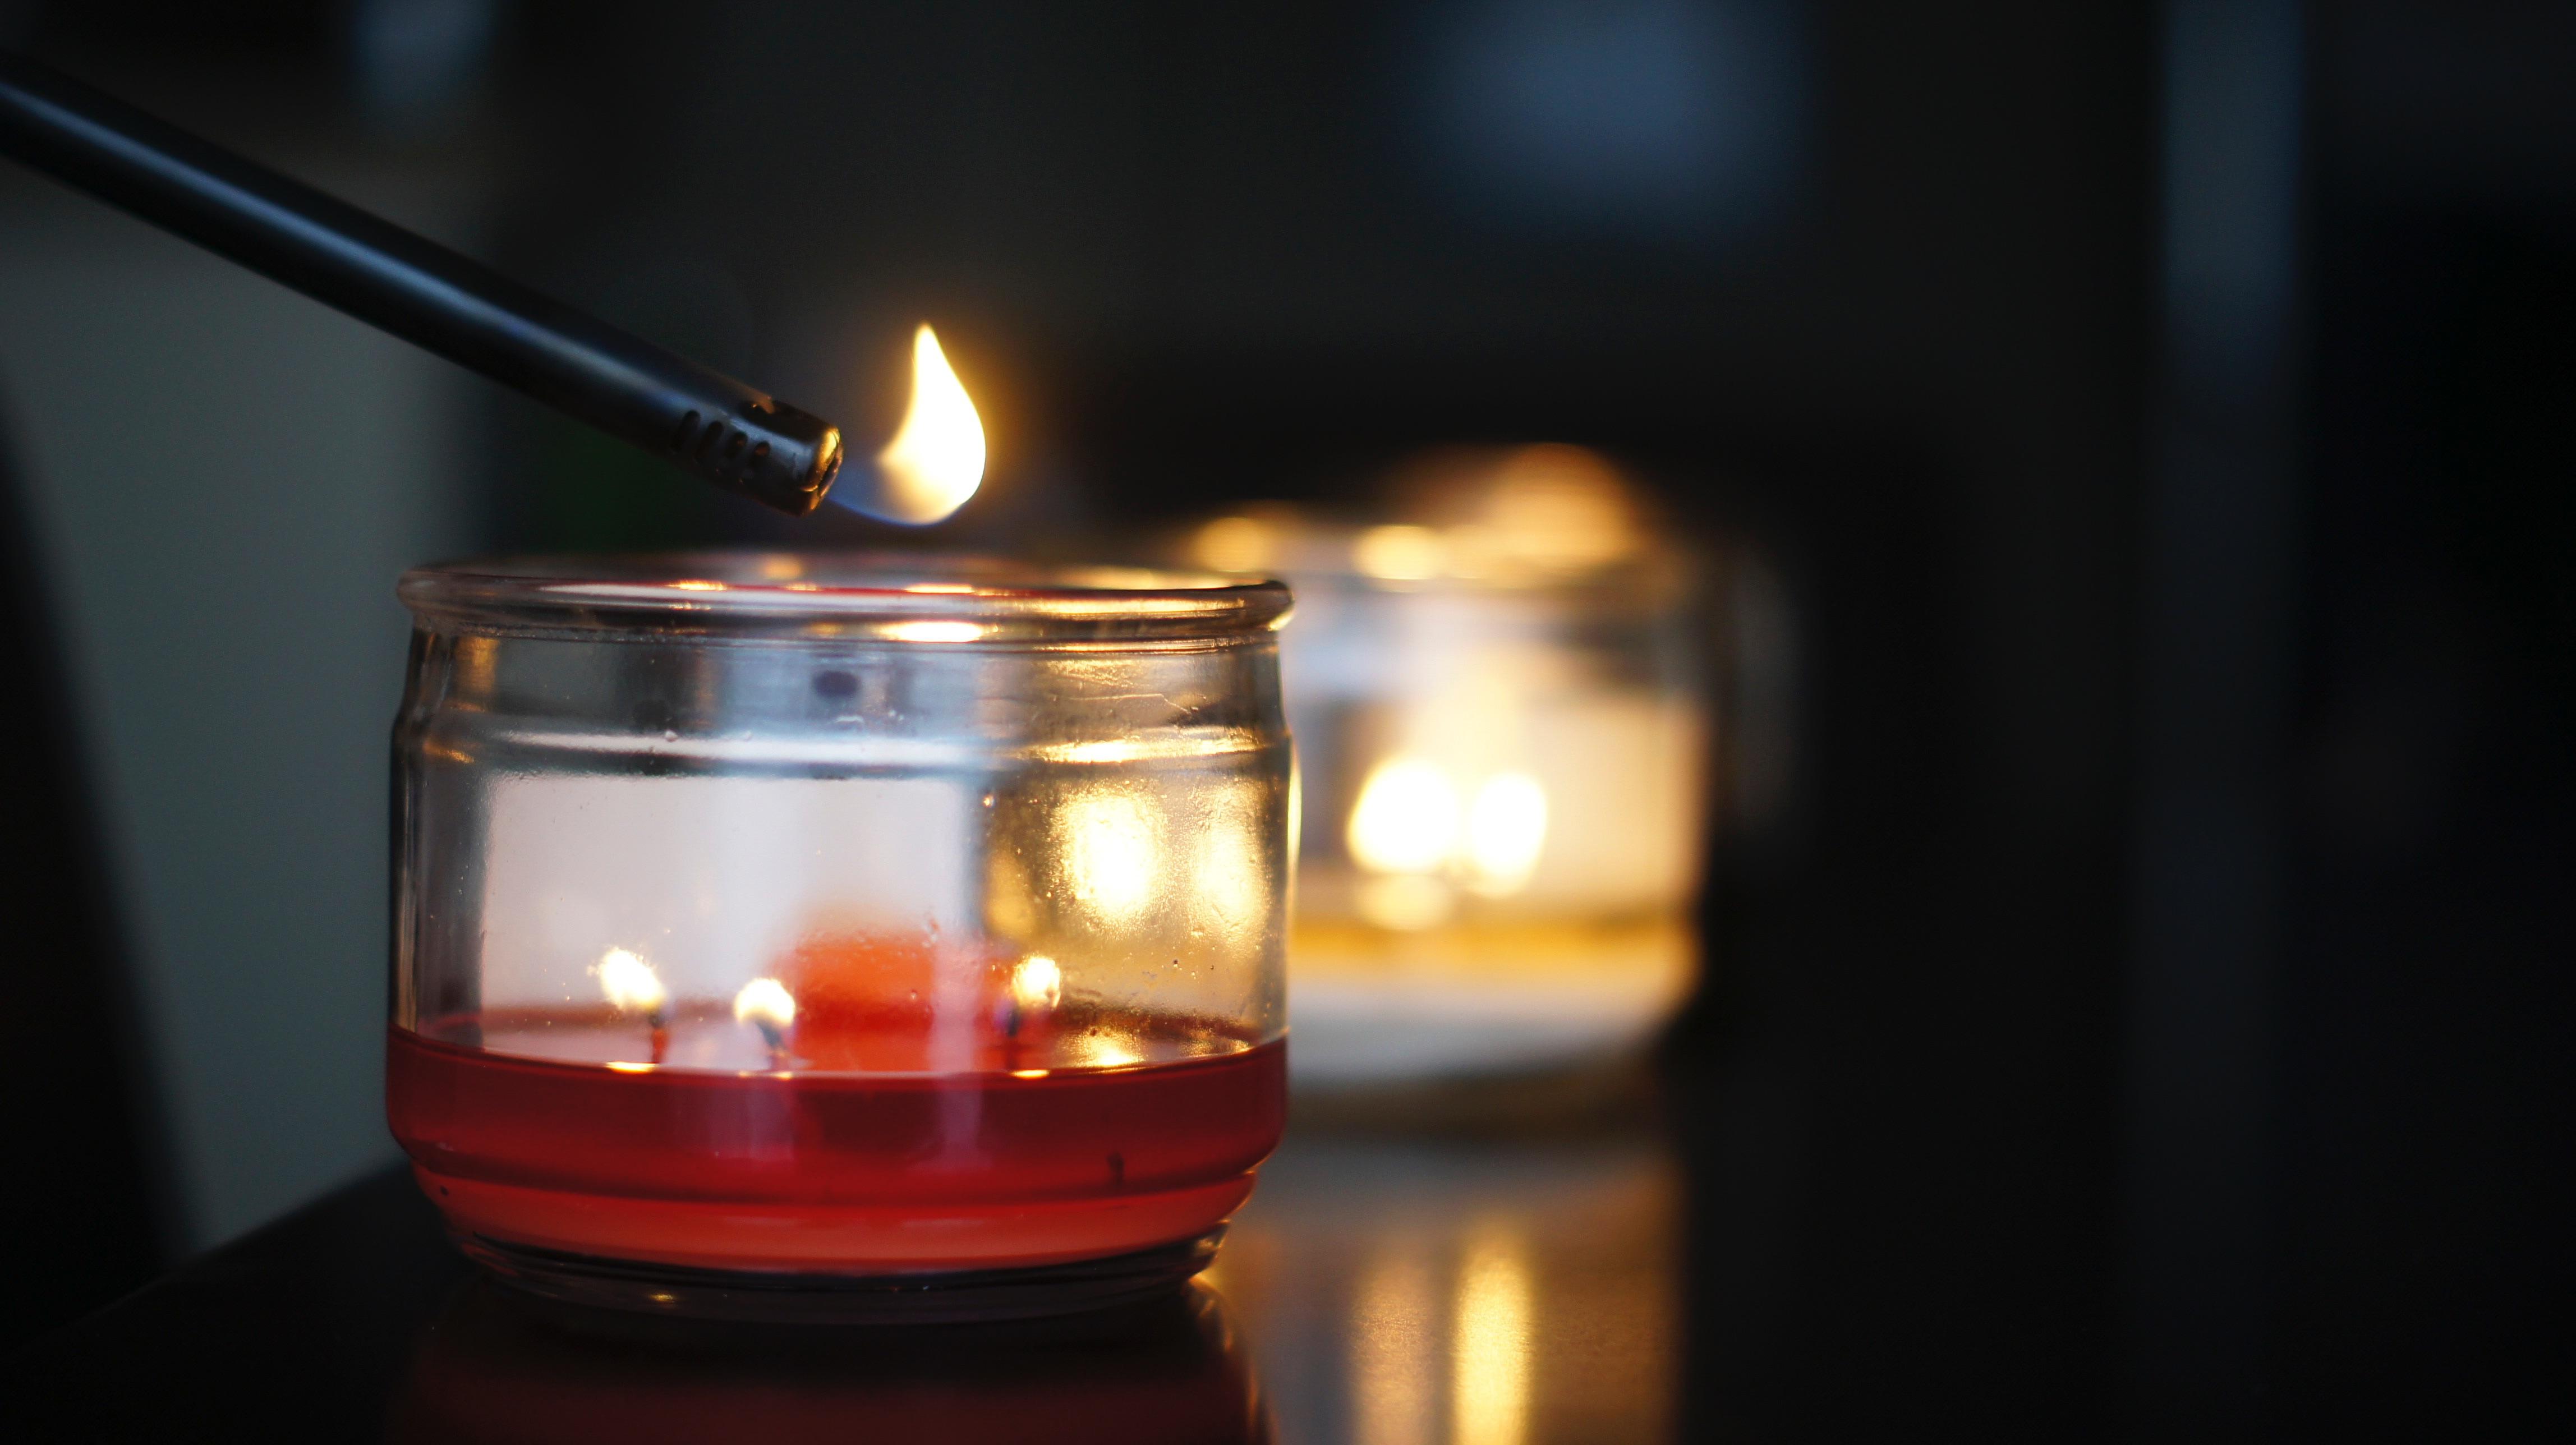 Lanterna Illuminazione : Immagini belle : leggero lanterna fiamma oscurità candela